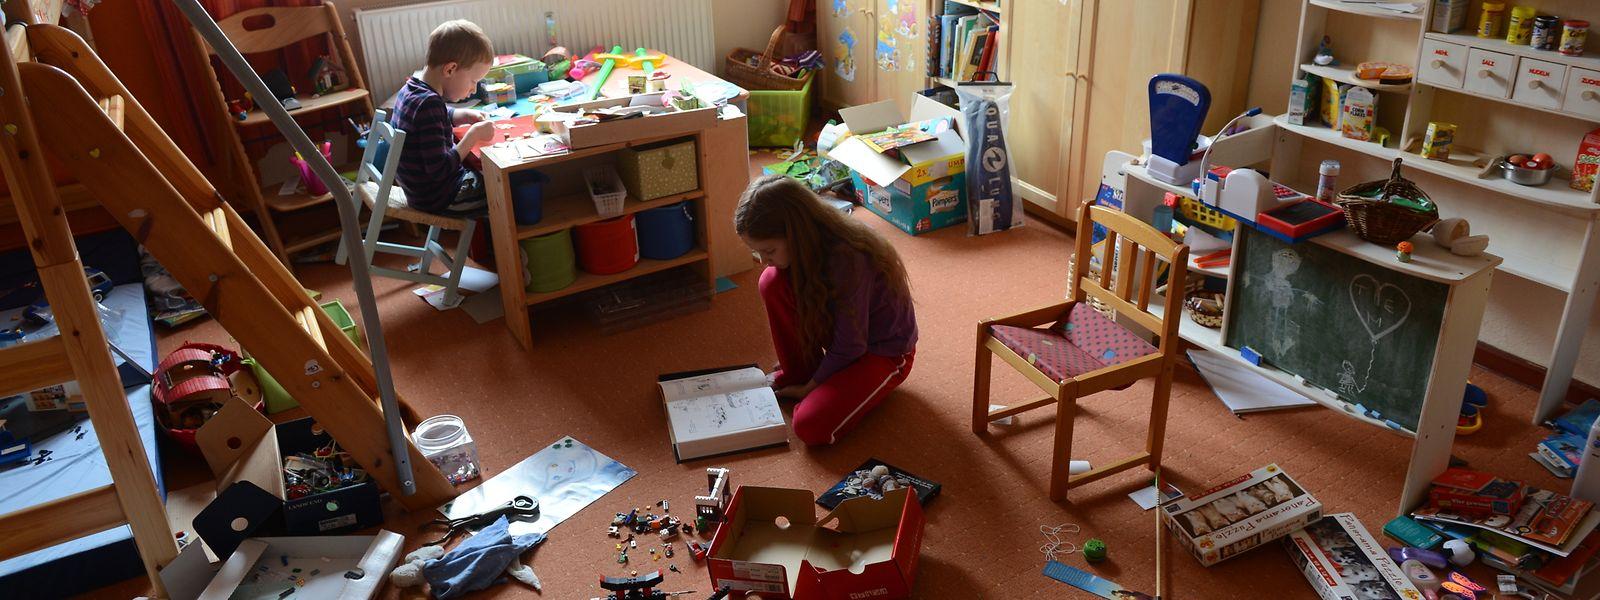 Das ganze Kinderzimmer voll, aber nichts zu spielen? So geht es vielen Kindern, wenn sie zu viel Auswahl haben.